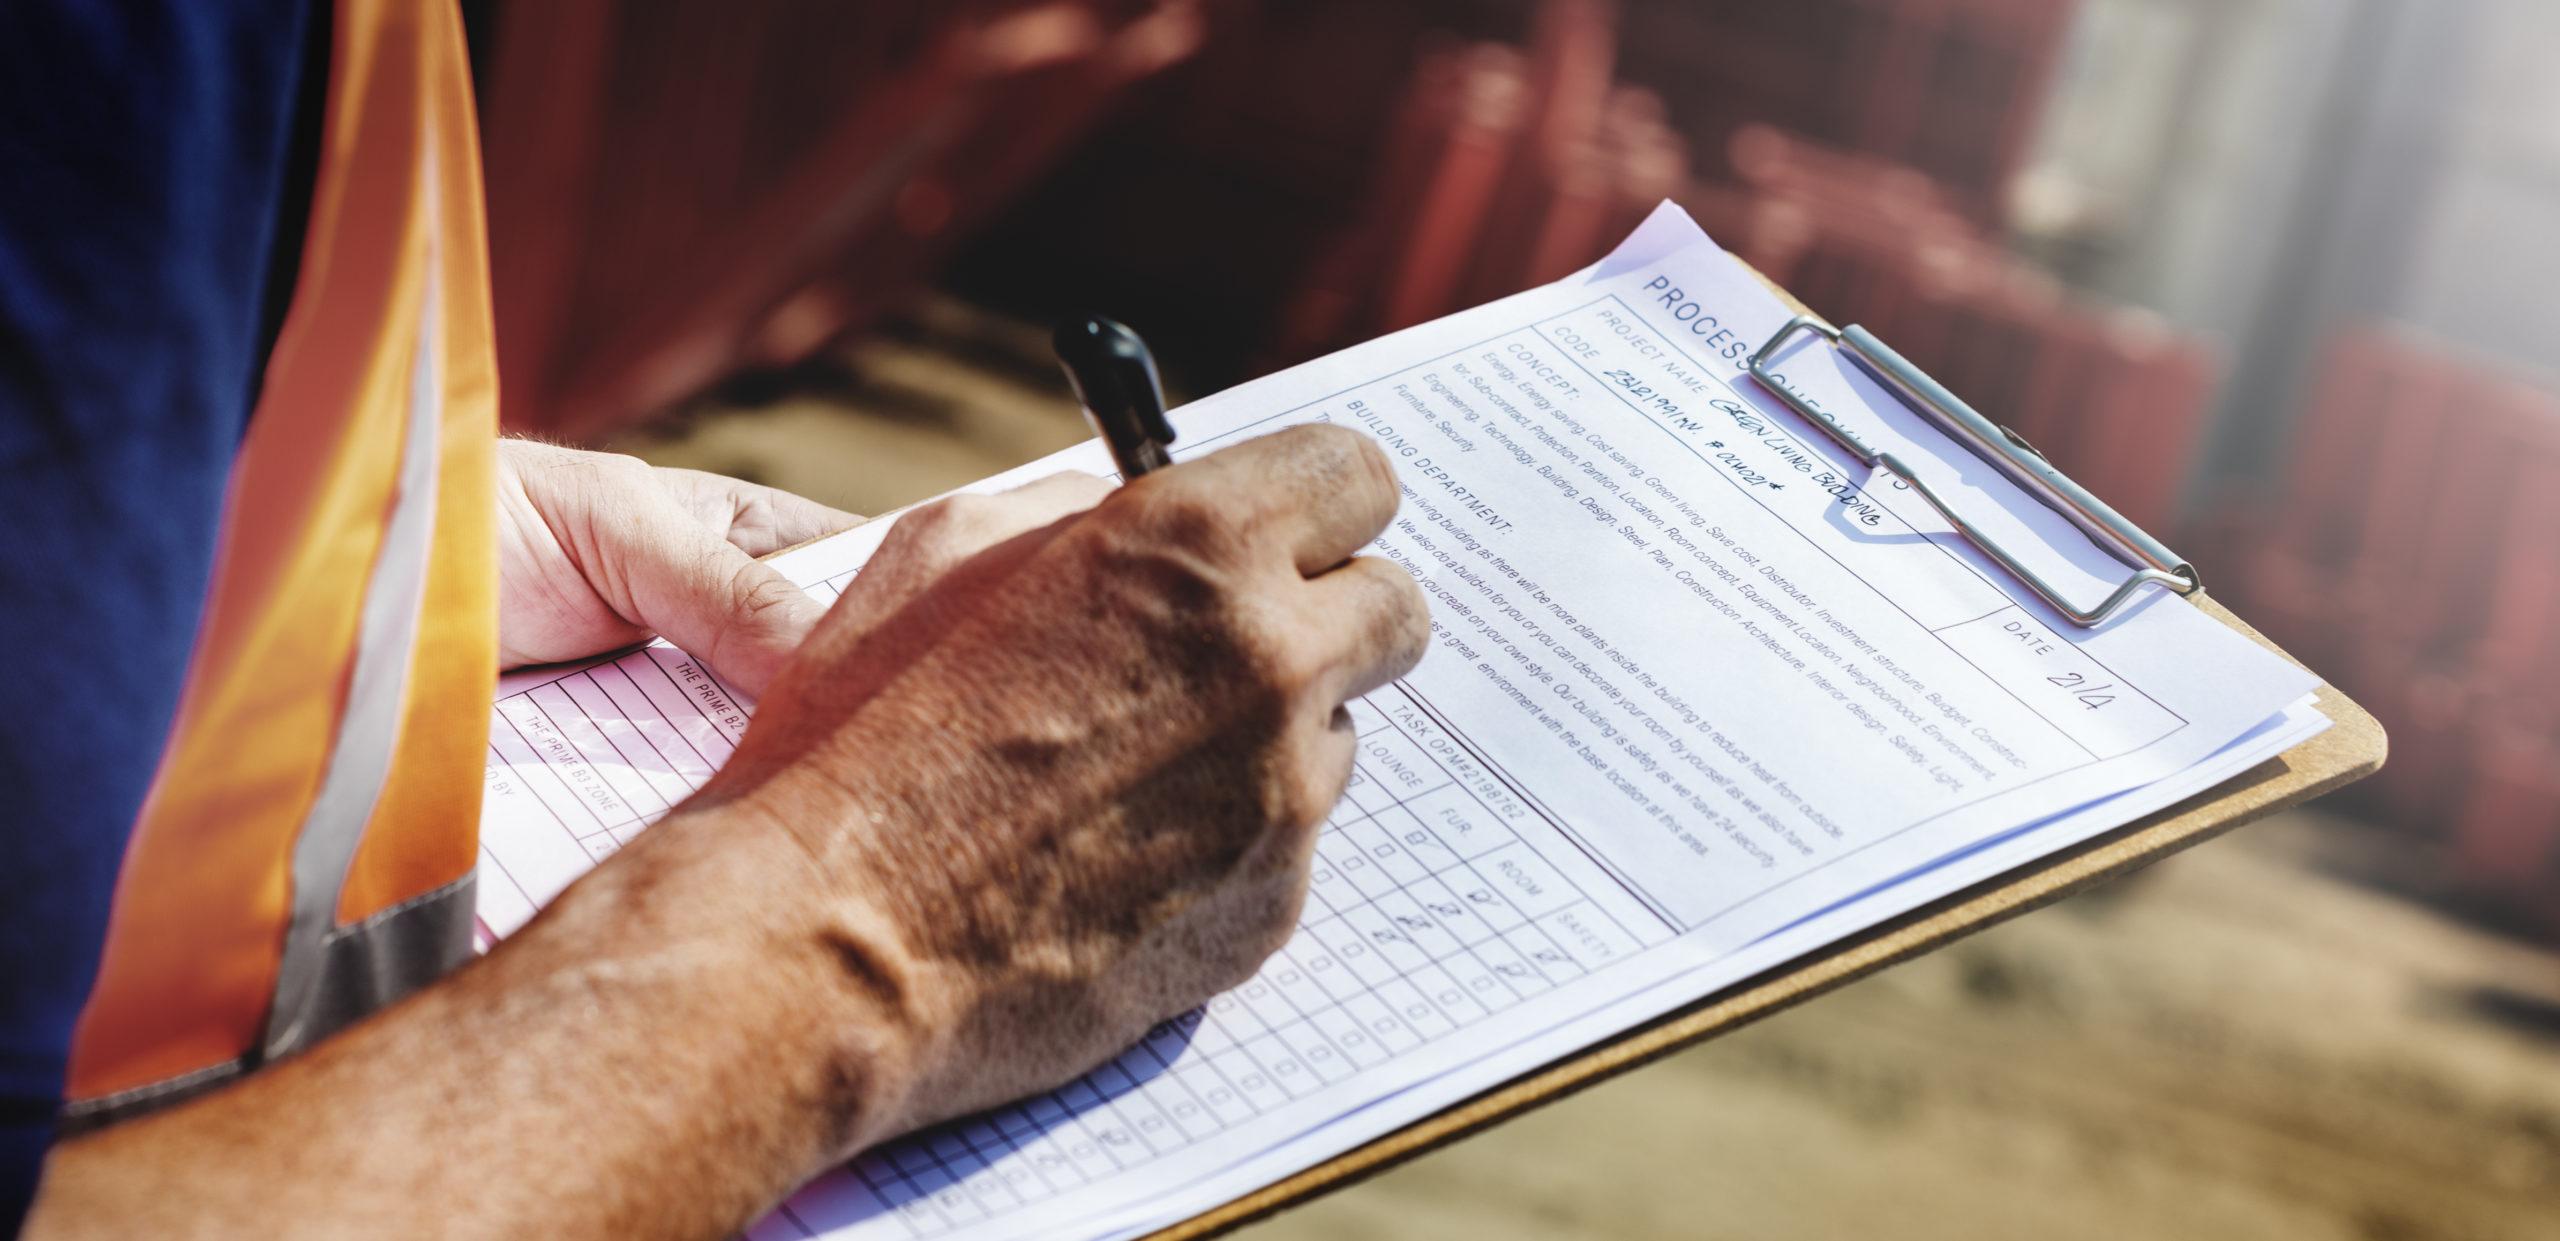 Bauarbeiter schreibt auf ein Klemmbrett